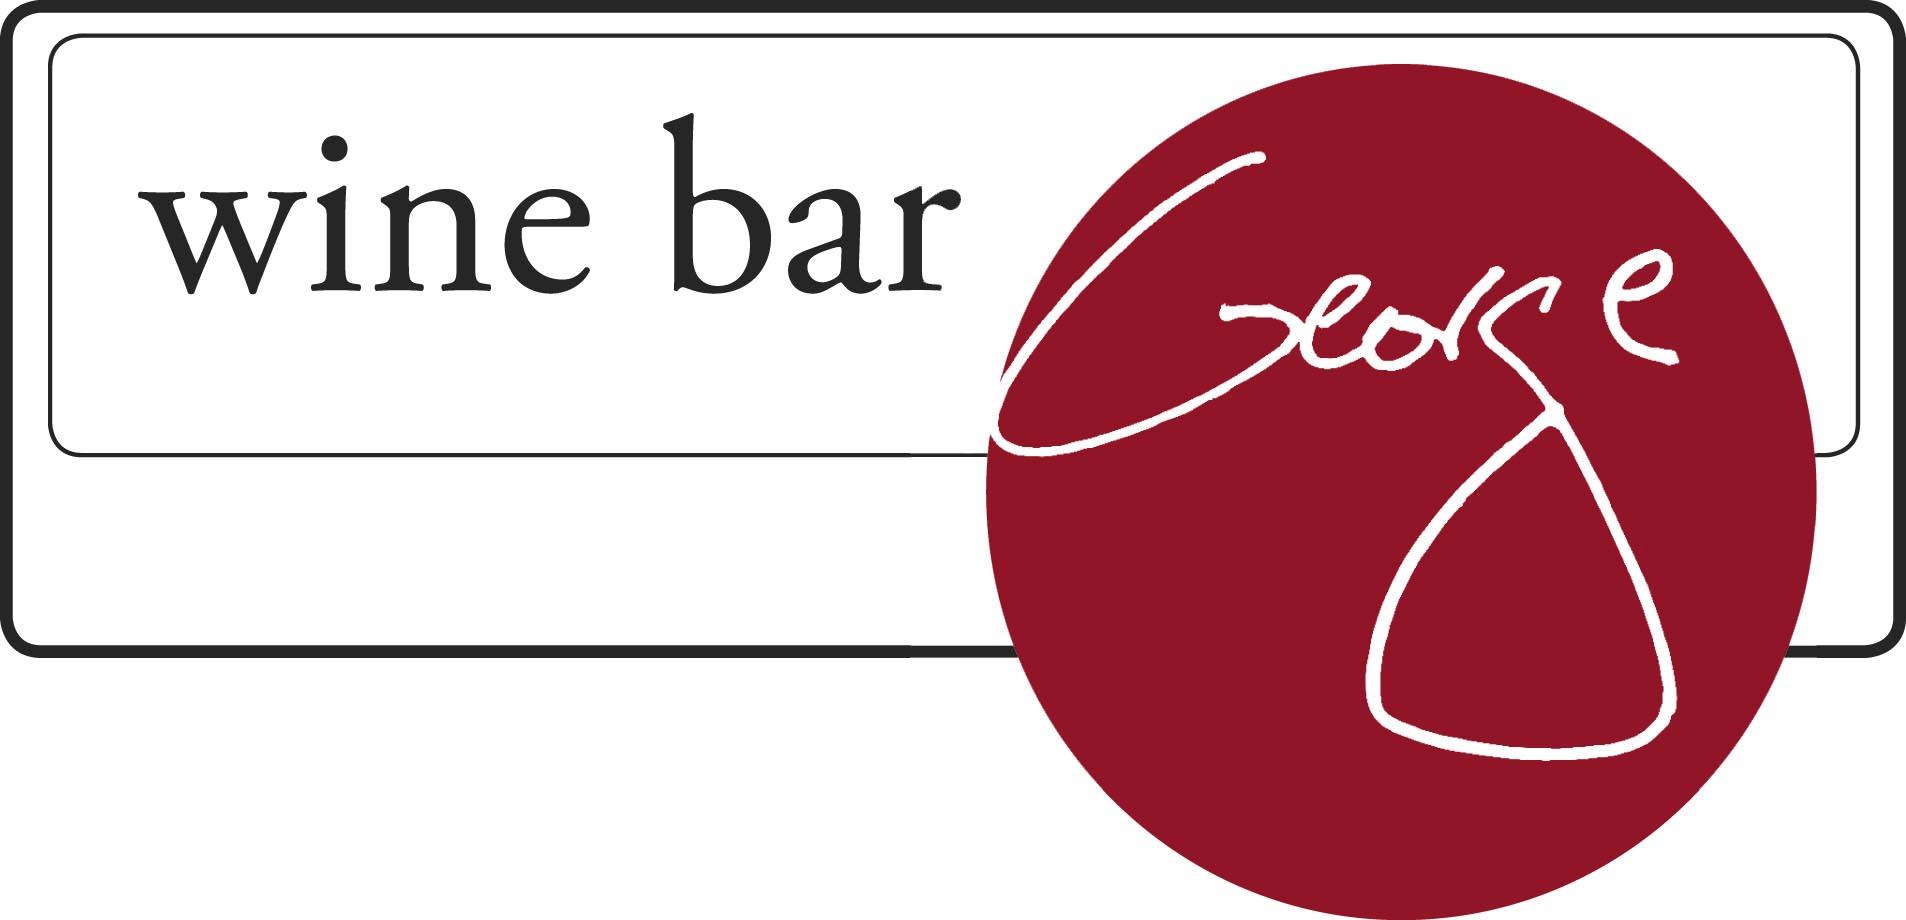 Wine Bar George Coming to Disney Springs 2017